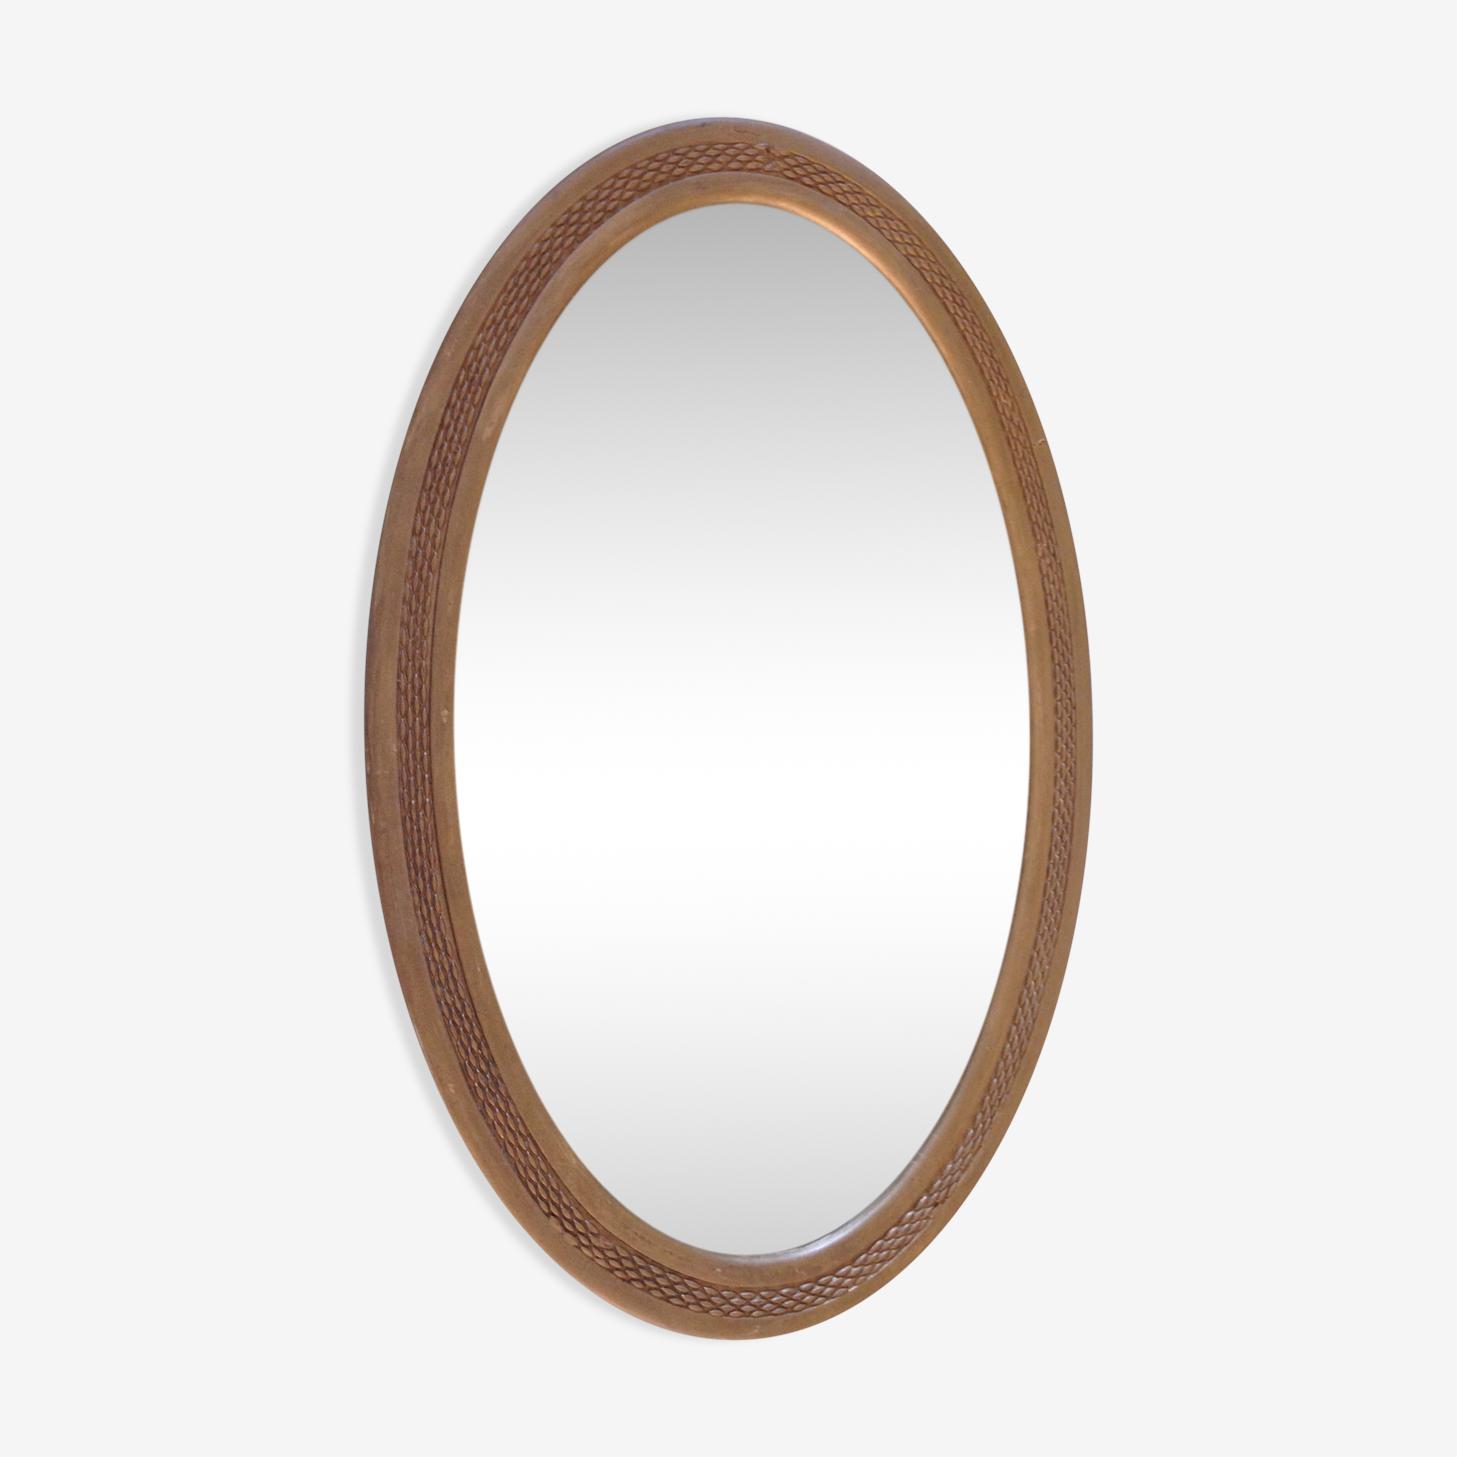 Former mirror 52x34cm